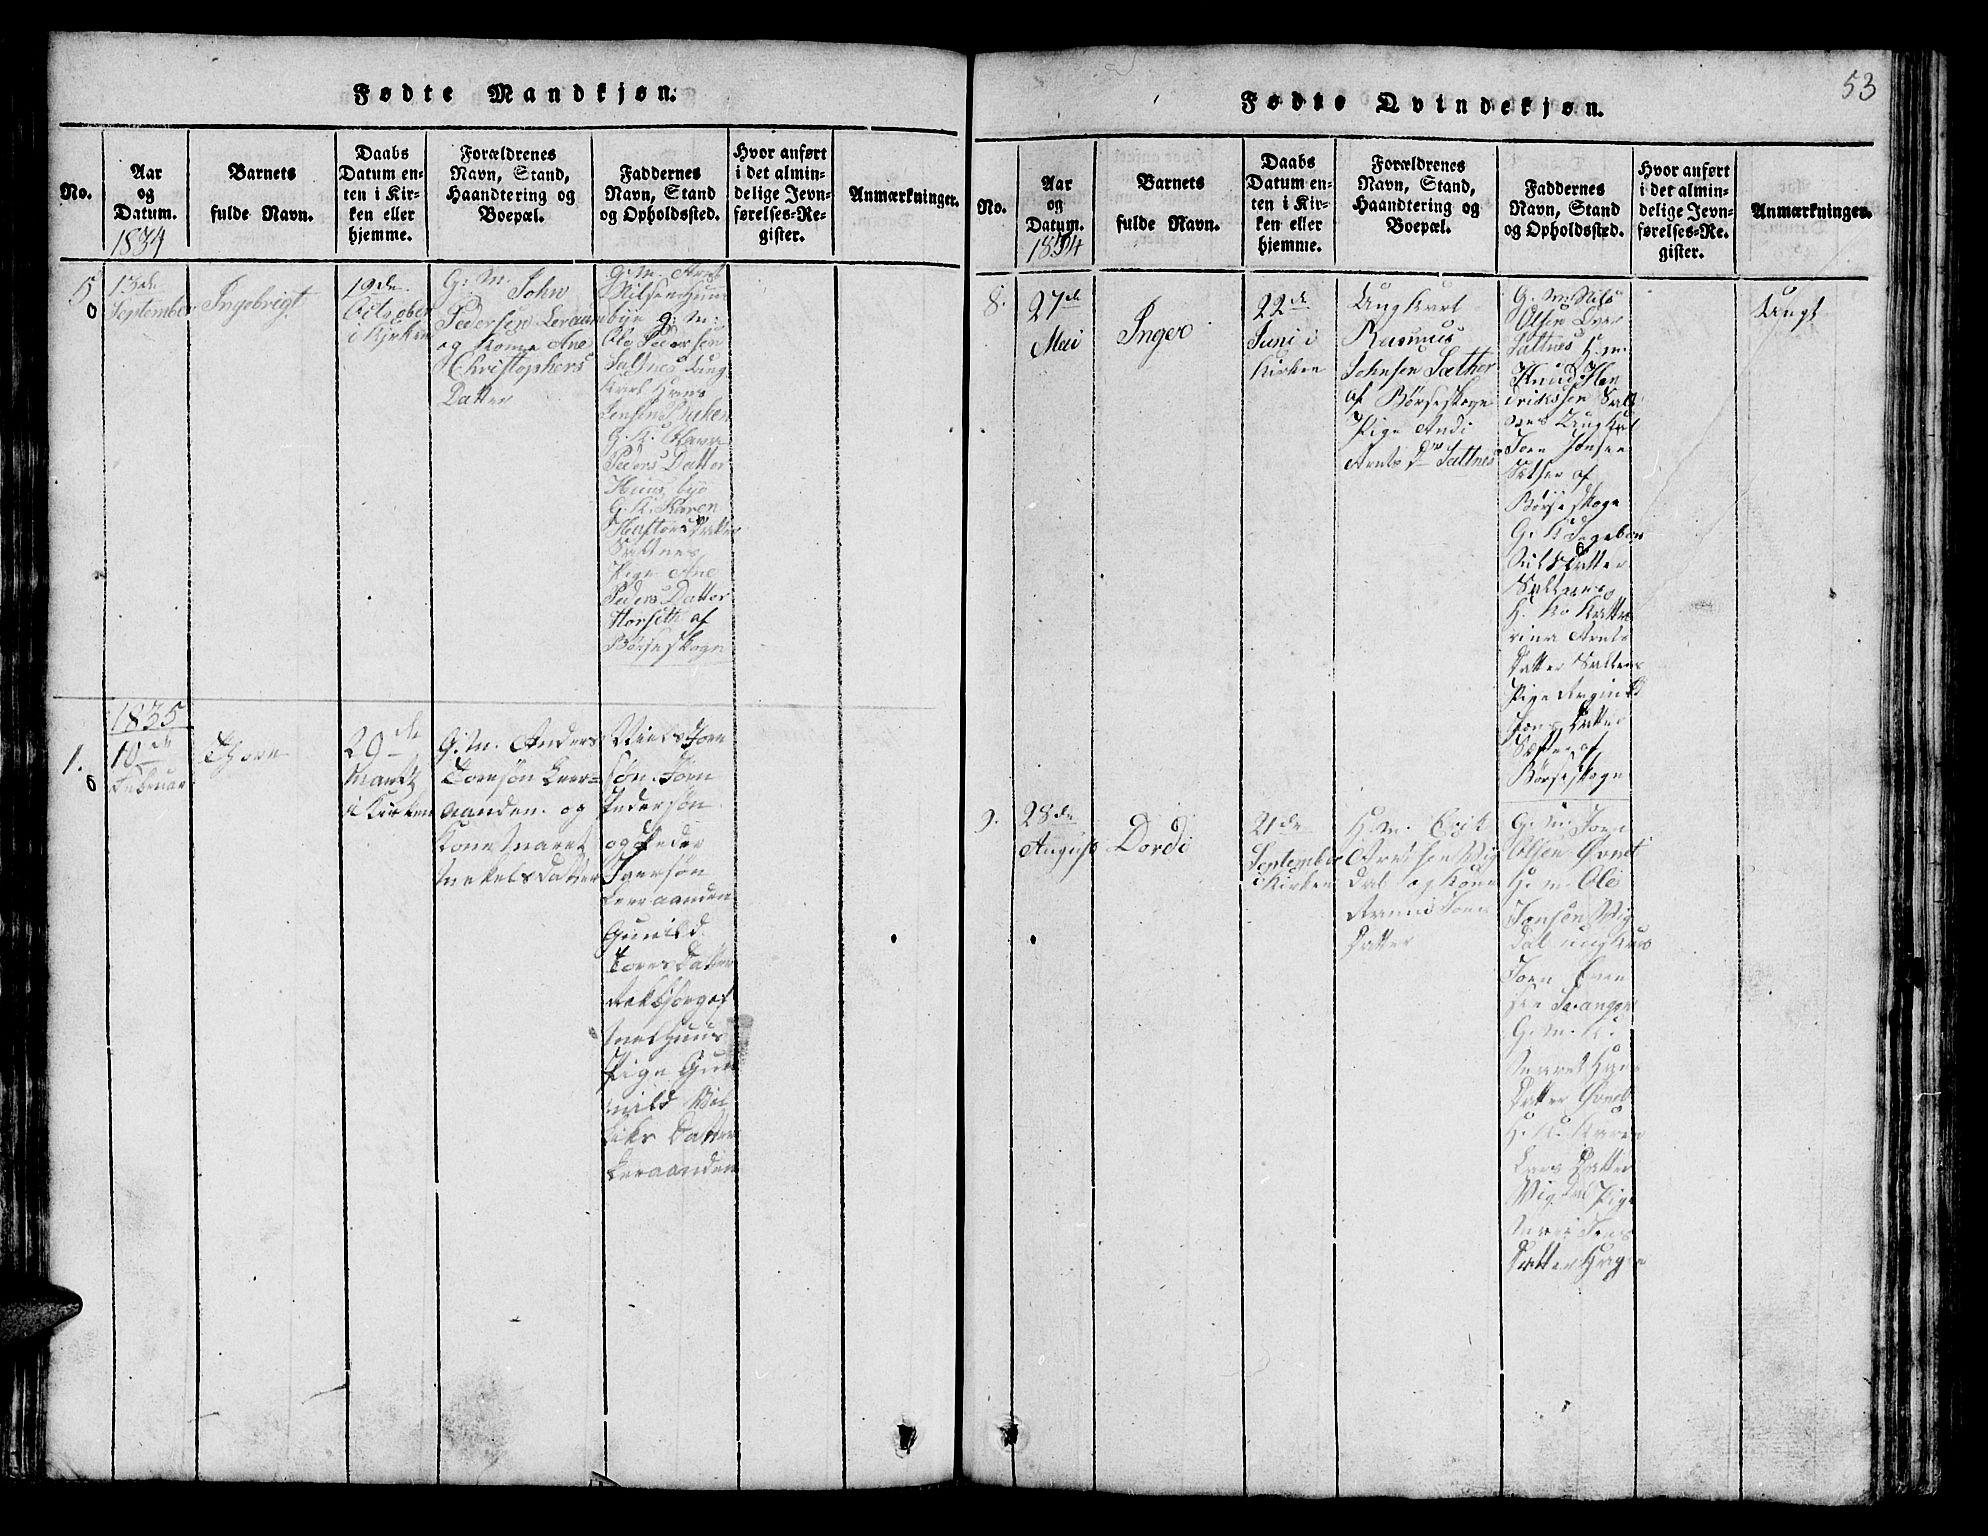 SAT, Ministerialprotokoller, klokkerbøker og fødselsregistre - Sør-Trøndelag, 666/L0788: Klokkerbok nr. 666C01, 1816-1847, s. 53